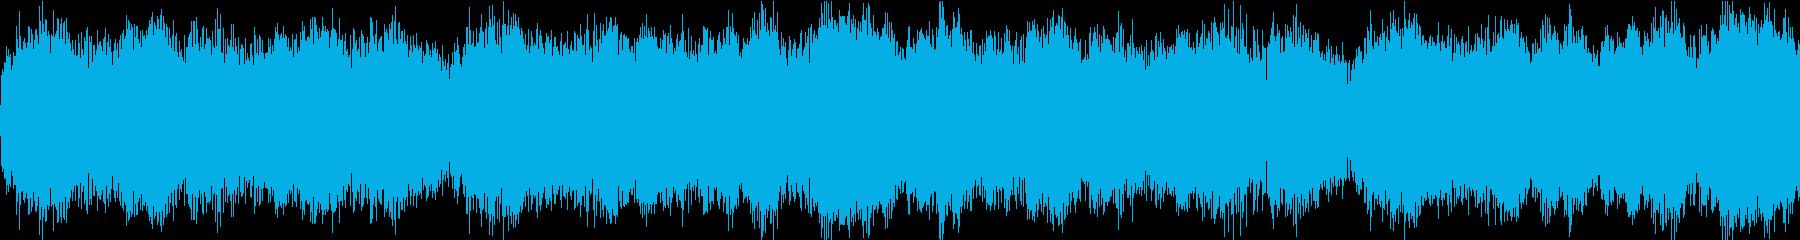 行進曲 勇ましい RPG風 ループ3の再生済みの波形